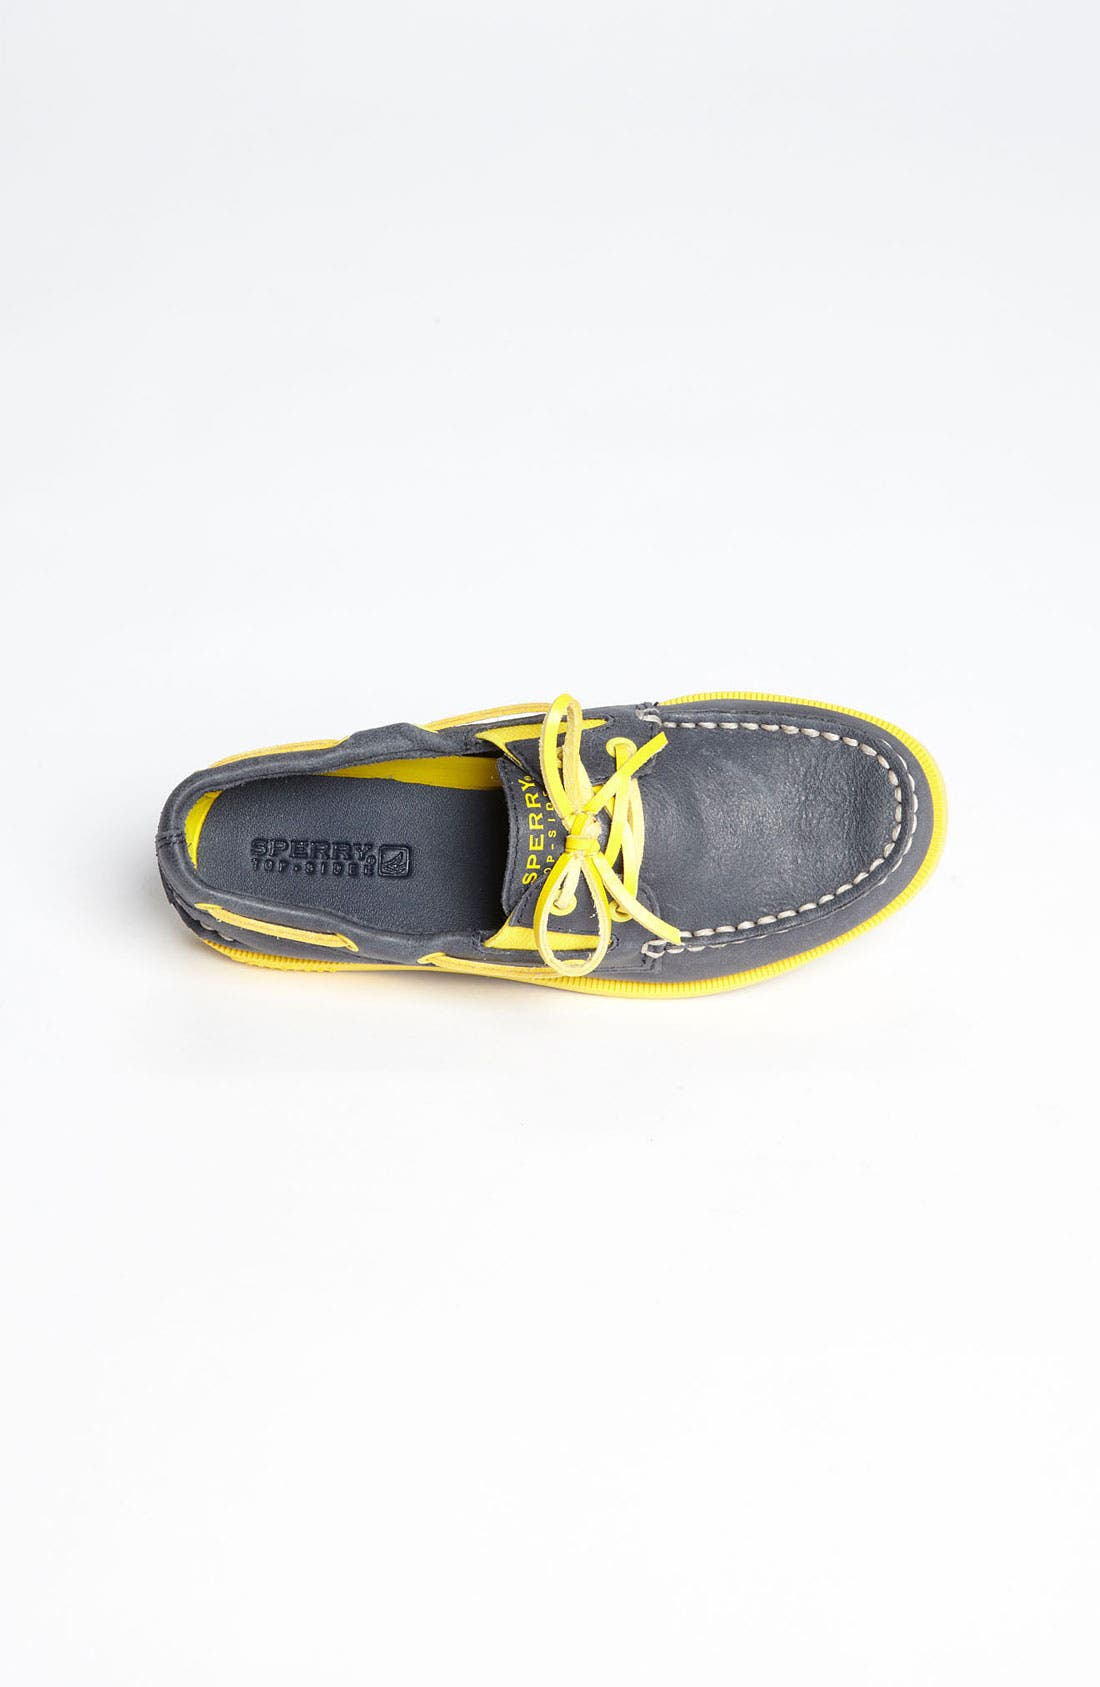 Alternate Image 3  - Sperry Top-Sider® Kids 'Authentic Original' Boat Shoe (Walker, Toddler, Little Kid & Big Kid)